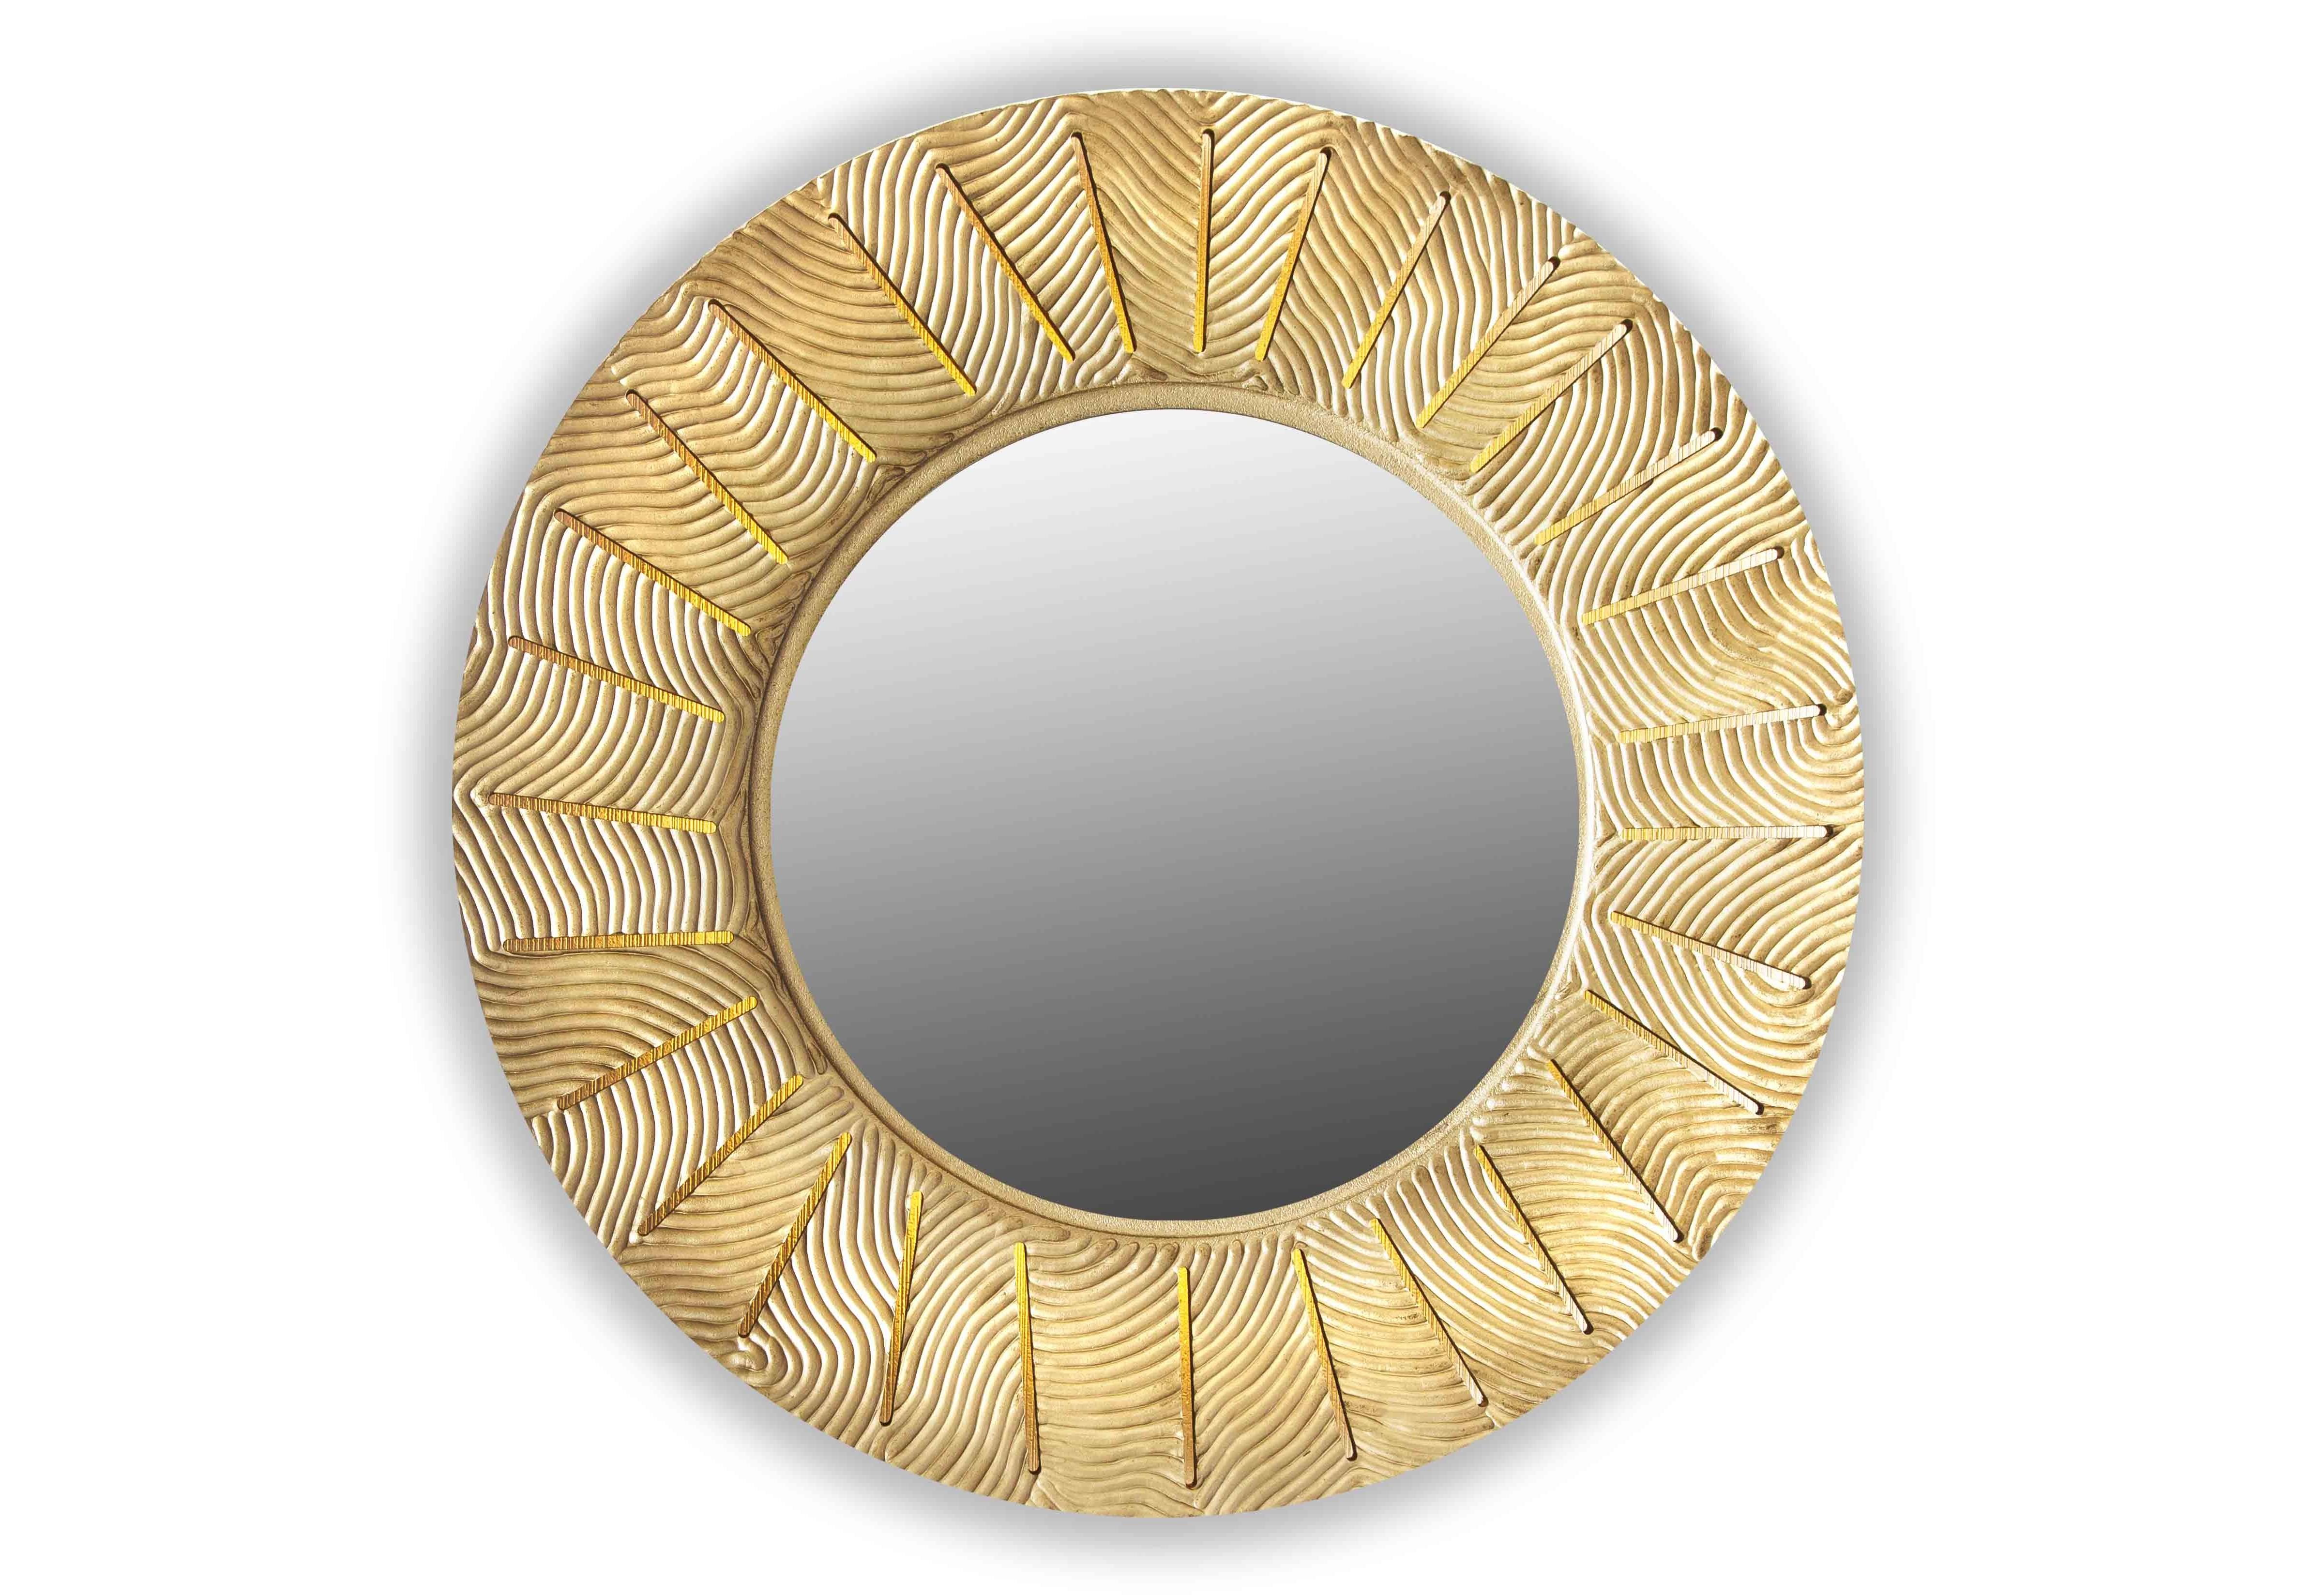 Зеркало SunshineНастенные зеркала<br>&amp;lt;span style=&amp;quot;line-height: 24.9999px;&amp;quot;&amp;gt;Круглое зеркало в резной раме из натуральной древесины – очень эклектично. В этой детали есть и современная практичность, и романтичные этнические нотки. Багет – полностью ручная резка вплоть до мельчайшего изгиба сложного рисунка. Подсветка из 4 светодиодов мягко освещает зеркальную гладь. Размер изделия составляет 990х990 мм, толщина – 7см, вес – 7 кг.&amp;lt;/span&amp;gt;&amp;lt;div&amp;gt;&amp;lt;span style=&amp;quot;line-height: 24.9999px;&amp;quot;&amp;gt;&amp;lt;br&amp;gt;&amp;lt;/span&amp;gt;&amp;lt;/div&amp;gt;&amp;lt;div&amp;gt;&amp;lt;span style=&amp;quot;line-height: 24.9999px;&amp;quot;&amp;gt;&amp;lt;p class=&amp;quot;MsoNormal&amp;quot;&amp;gt;Товарное предложение оснащено светодиодной подсветкой.&amp;lt;o:p&amp;gt;&amp;lt;/o:p&amp;gt;&amp;lt;/p&amp;gt;&amp;lt;/span&amp;gt;&amp;lt;/div&amp;gt;<br><br>Material: Дерево<br>Width см: None<br>Depth см: 0,8<br>Height см: None<br>Diameter см: 90